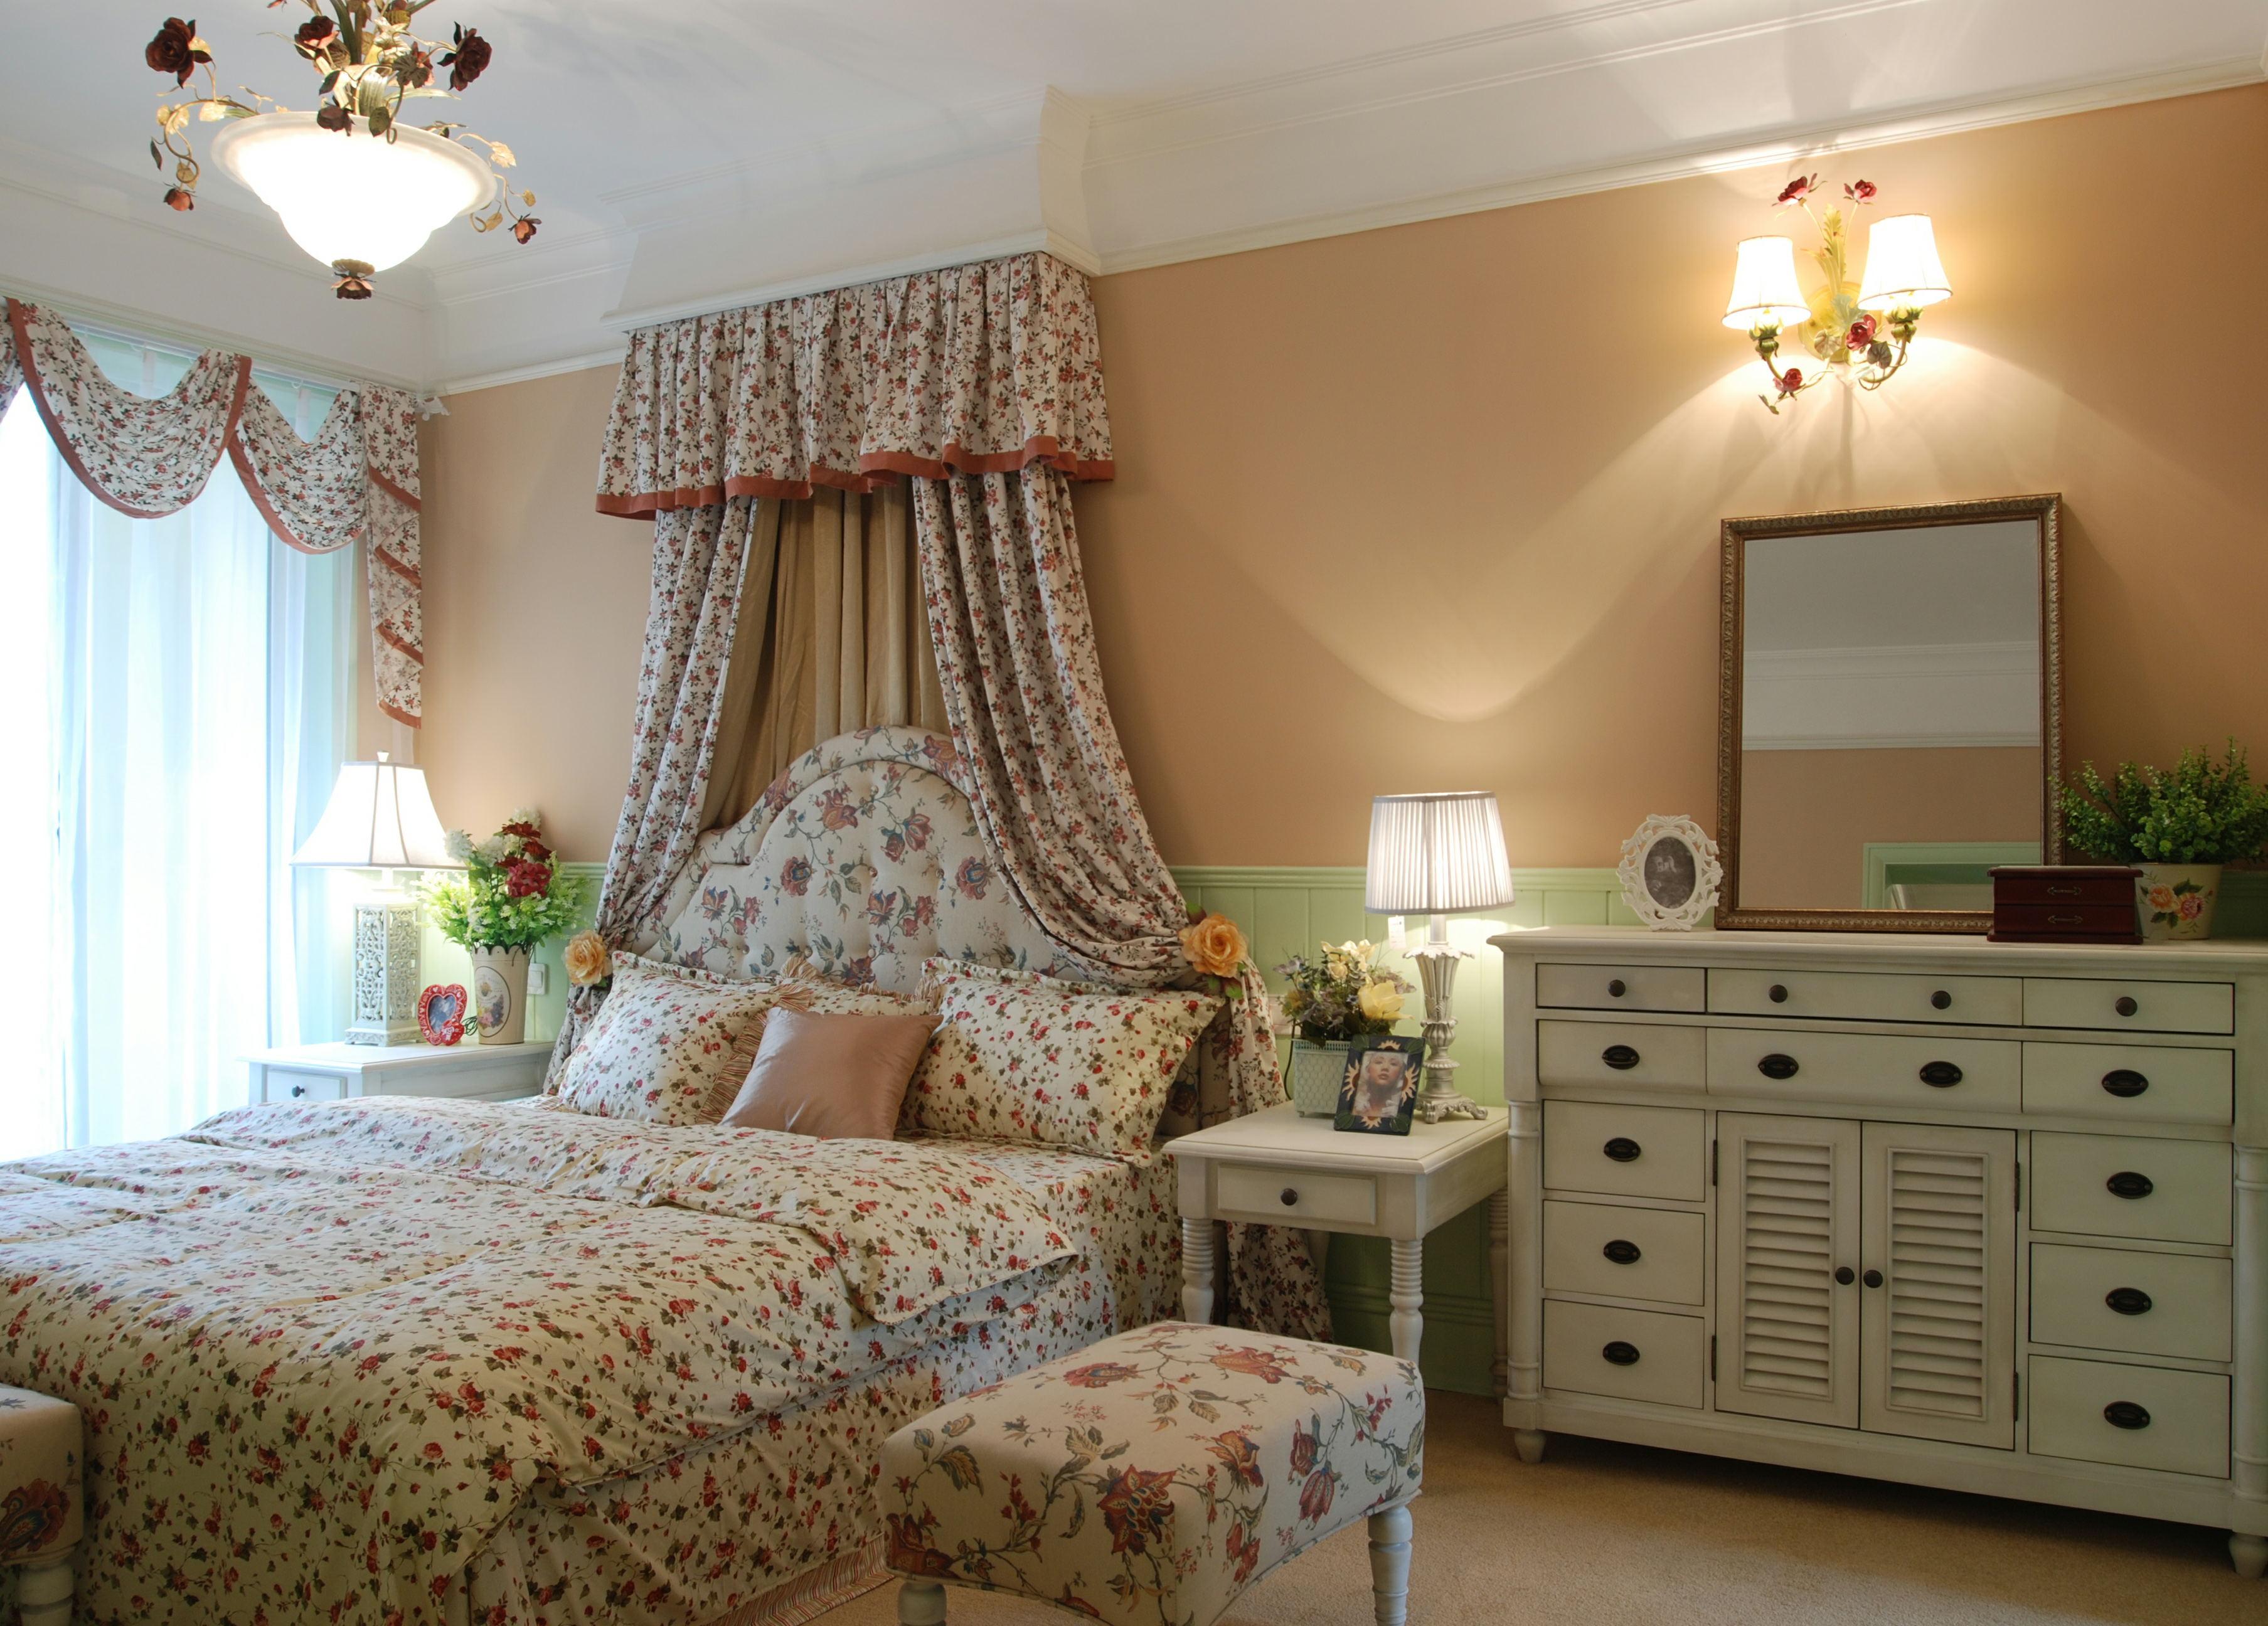 欧式田园风格主卧室床头柜效果图装修效果图图片